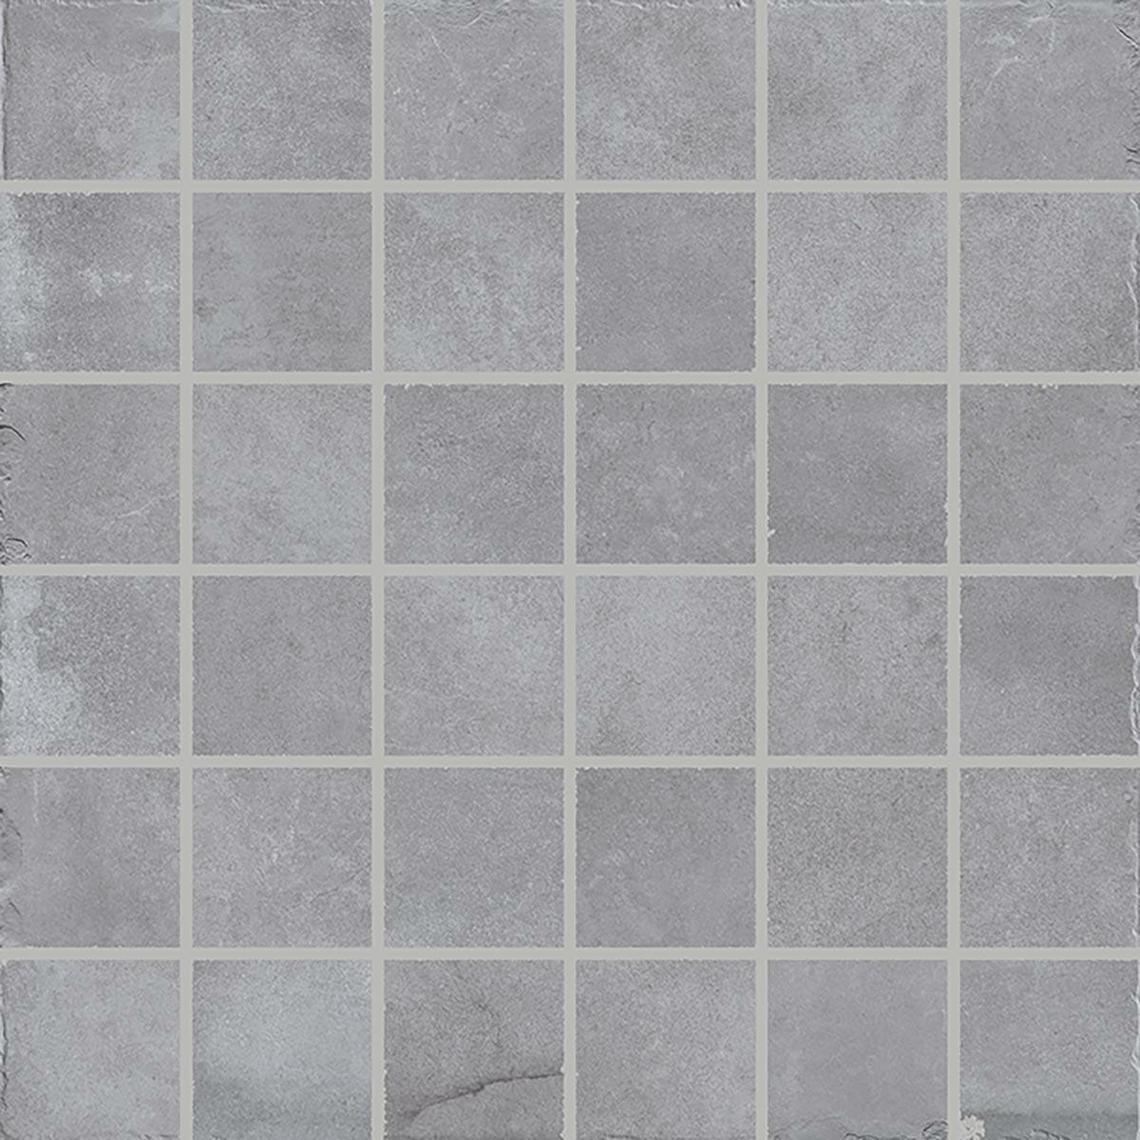 MOSAICO LIMESTONE GREY (5X5) (30x30)